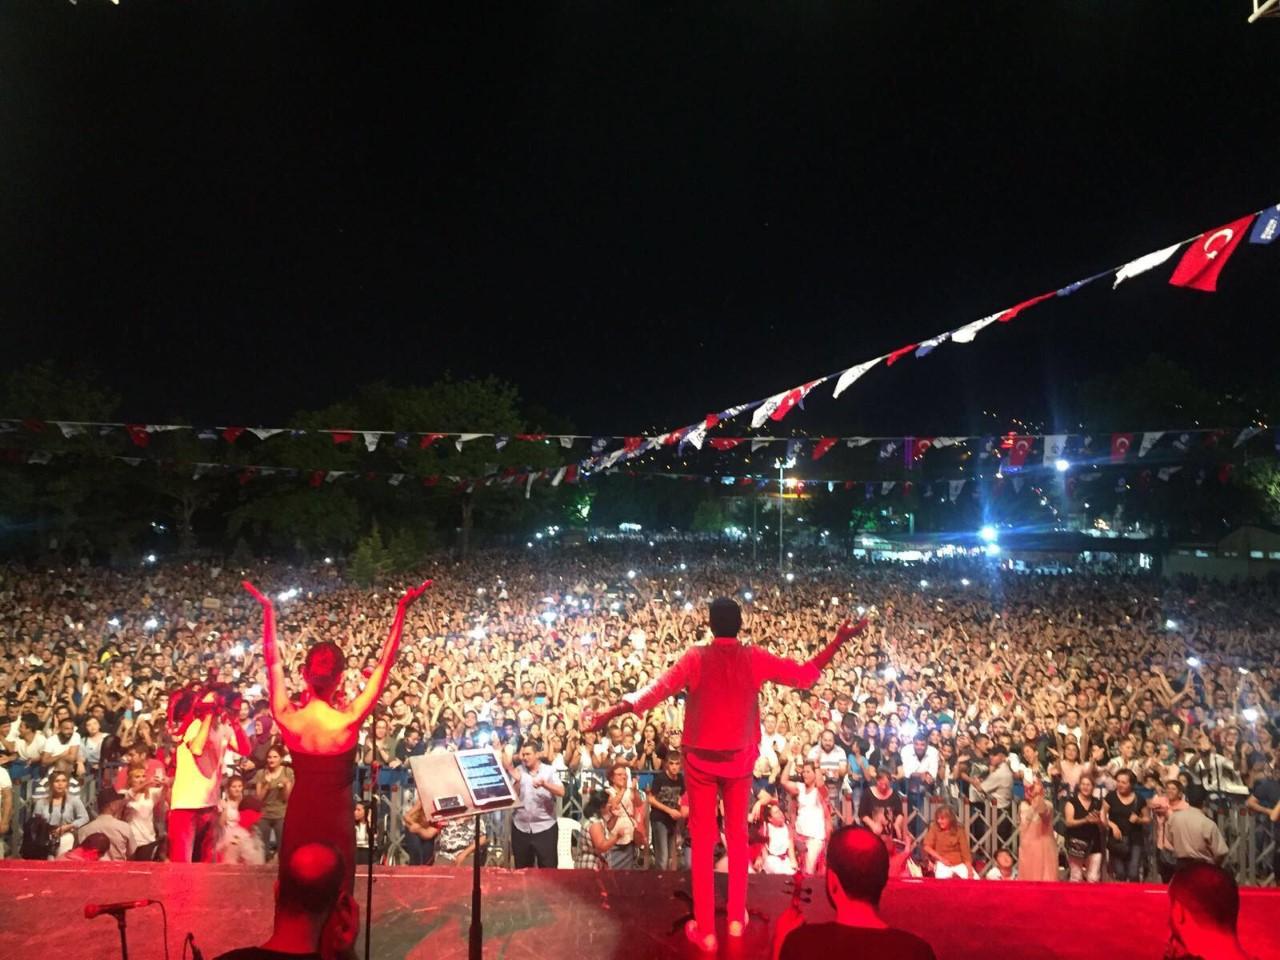 Hakan Altun Şarkılarını 50.000 Kişilik Koroyla Söyledi!..